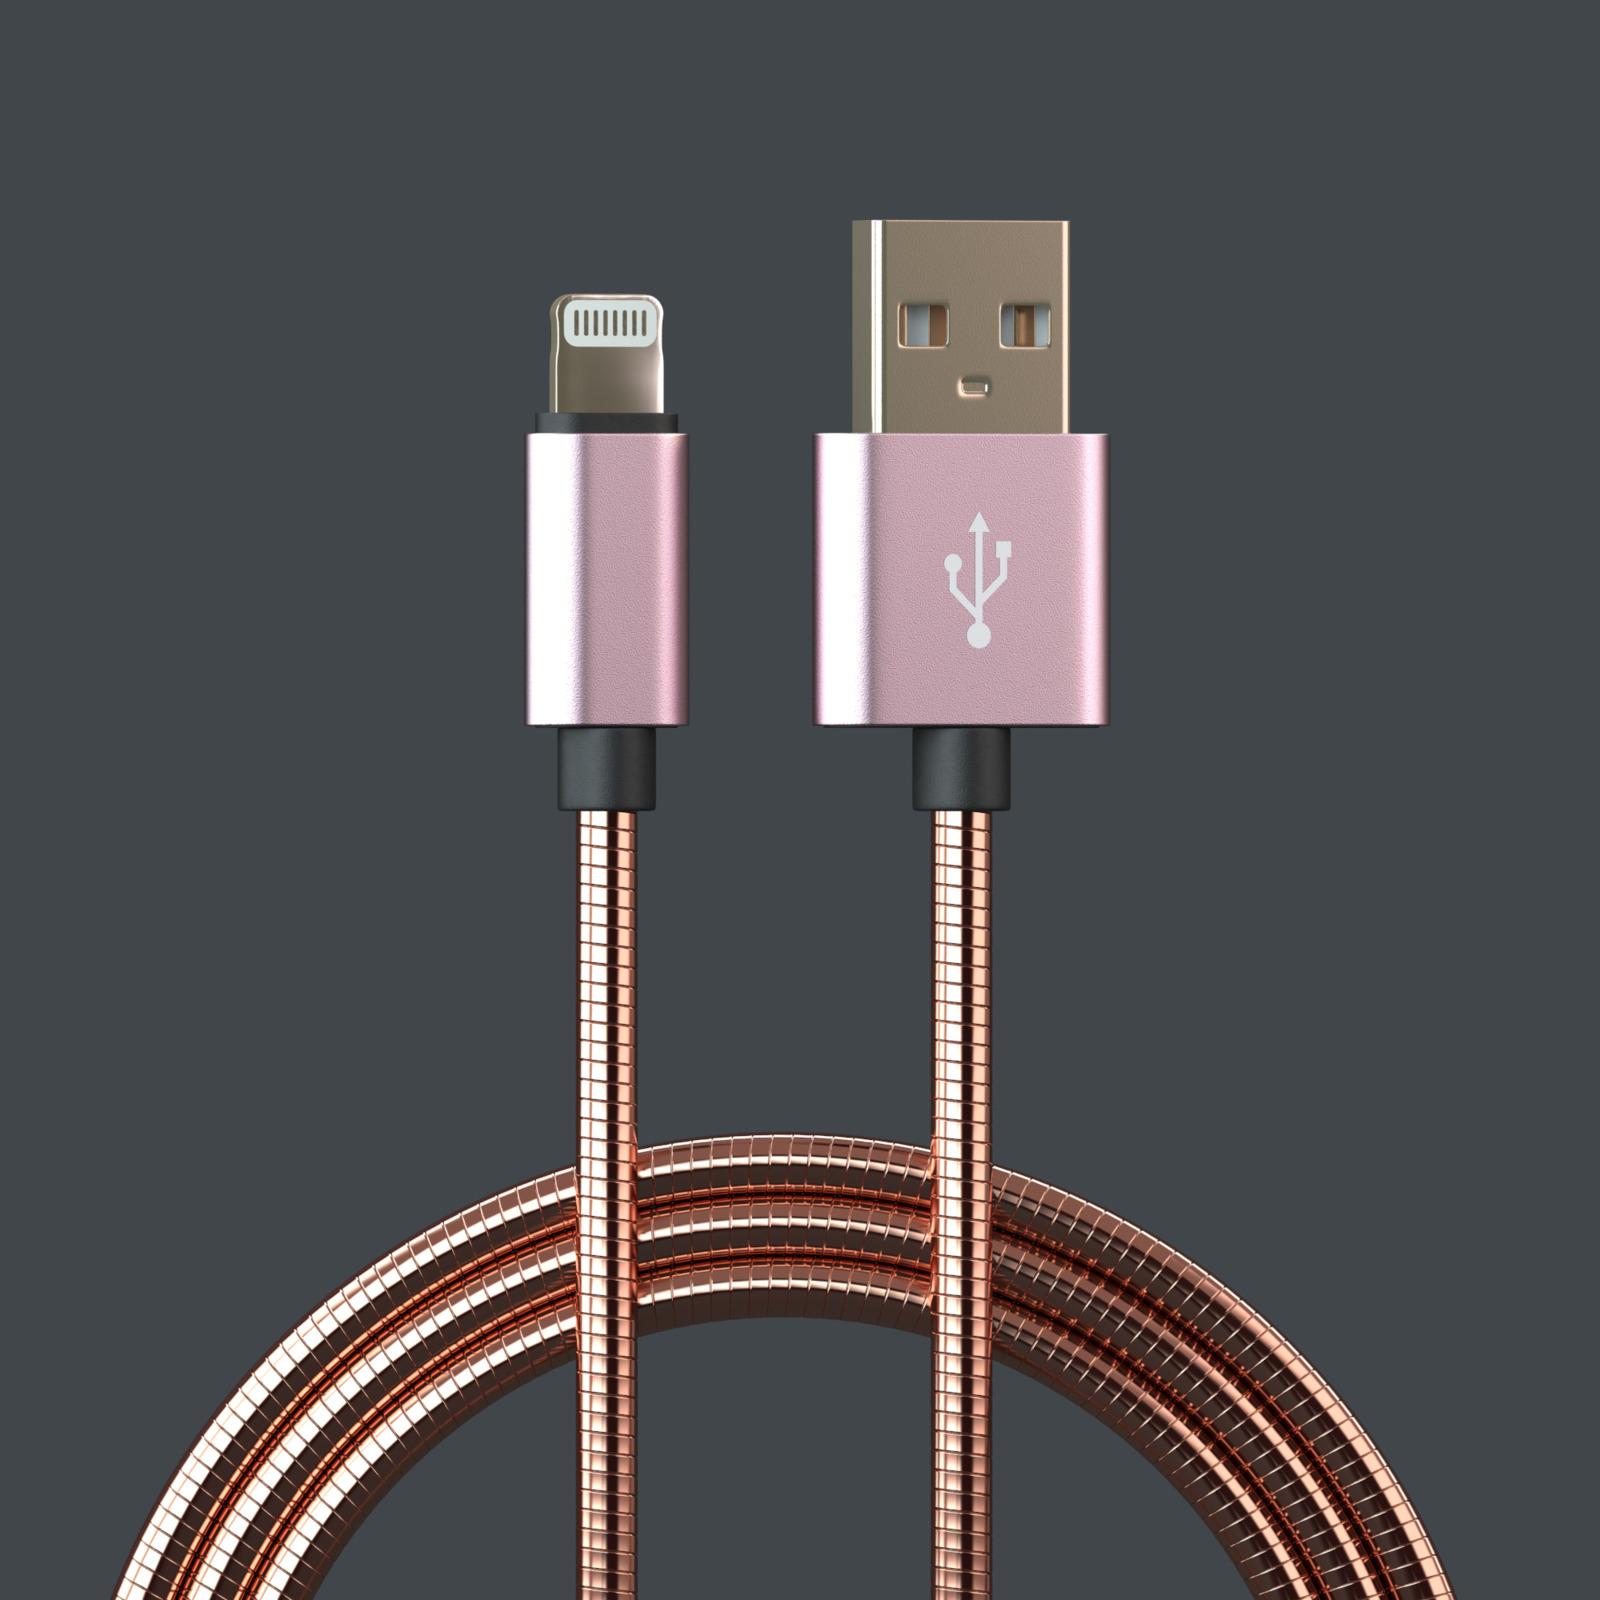 Кабель Qumann Lightning 2,4А, 20202, розовый, 1 м epik магнитный кабель и адаптер earldom для комфортного подключения и зарядки iphone 1m розовый rose gold